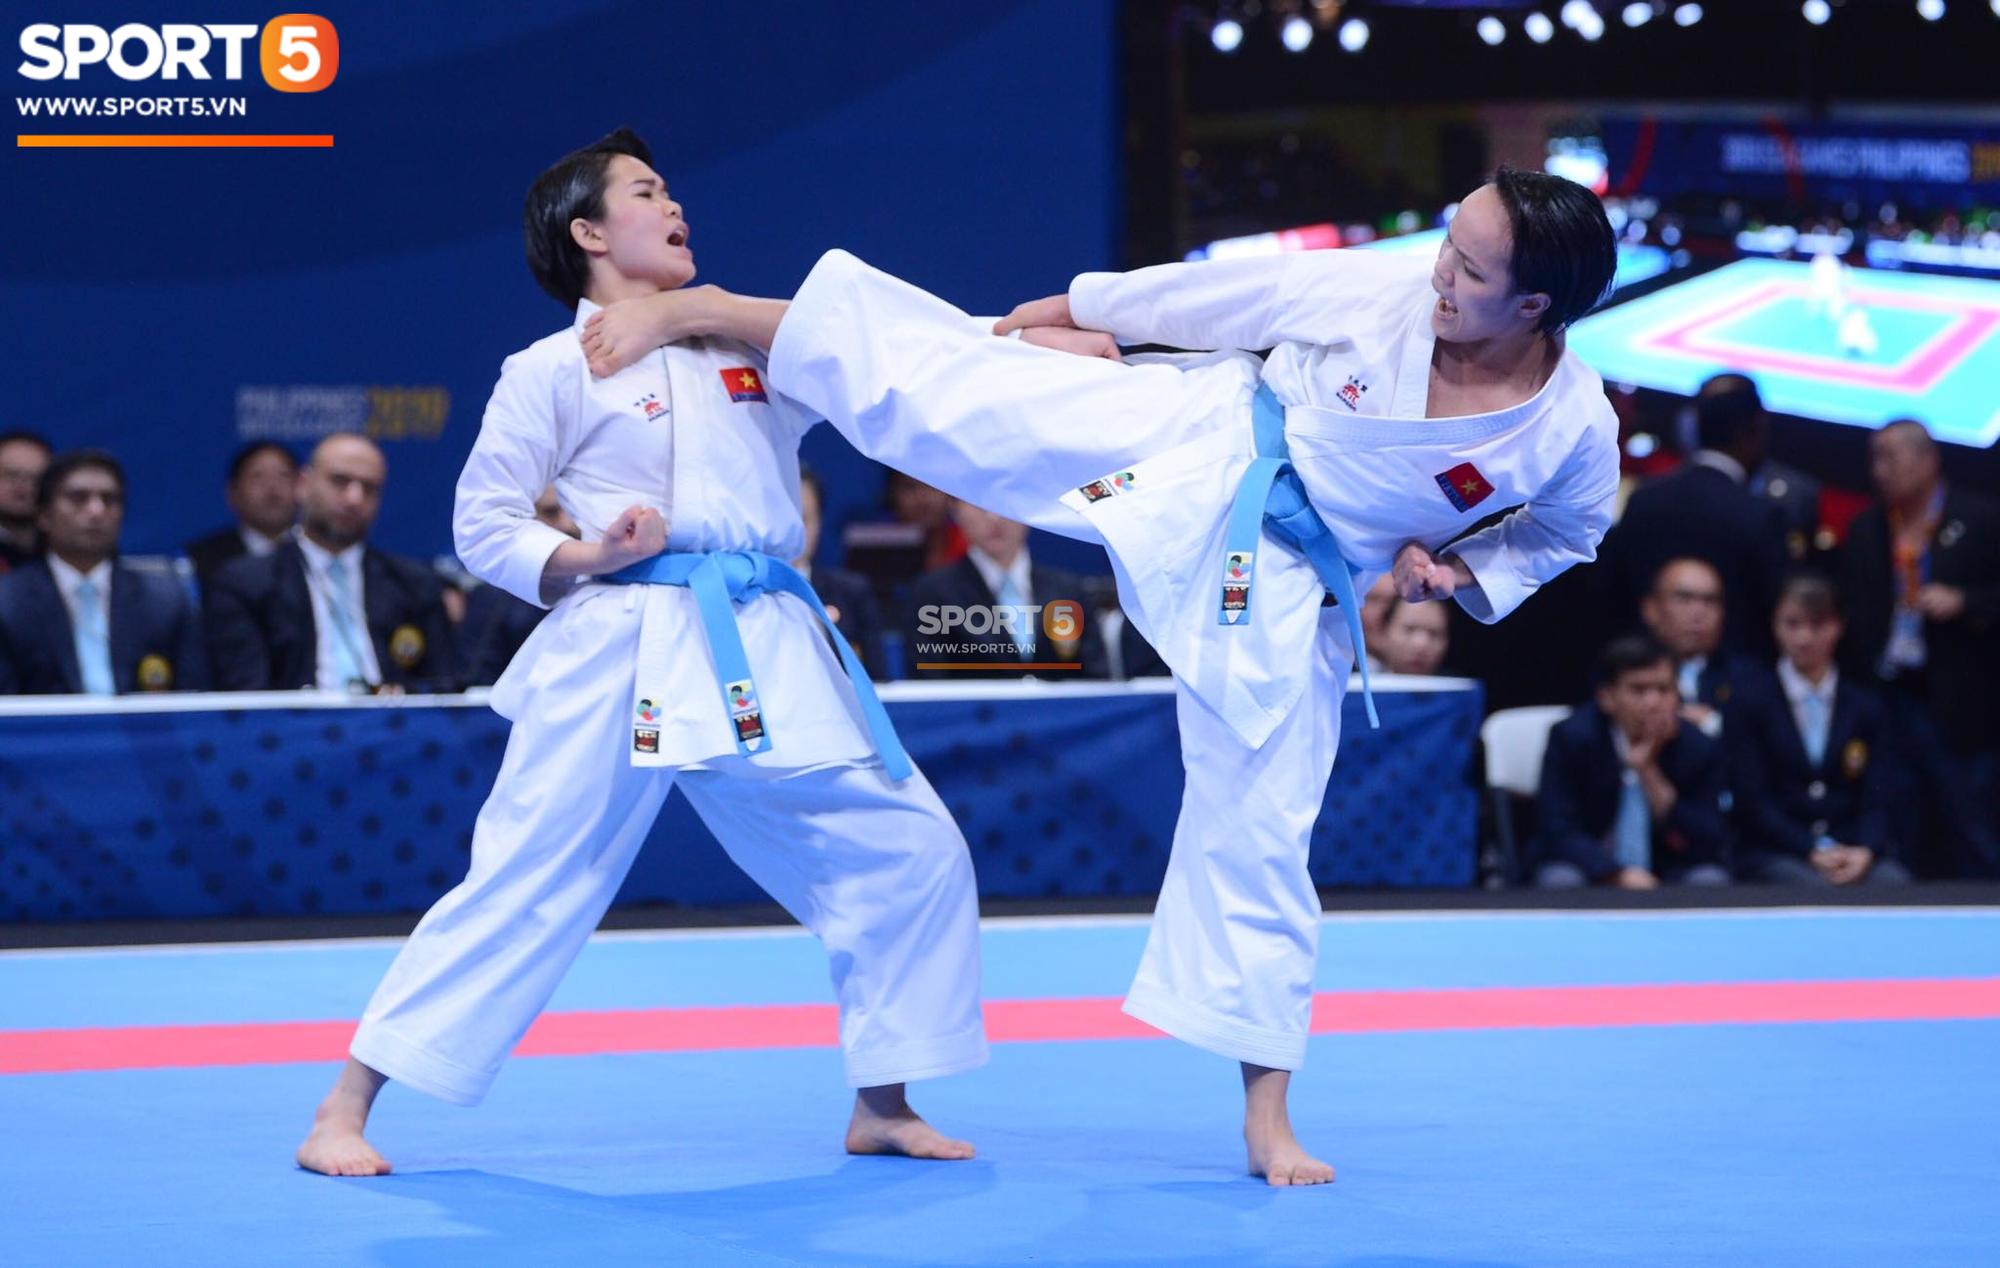 SEA Games ngày 8/12: Nữ hoàng điền kinh Tú Chinh vượt 2 VĐV nhập tịch trong tích tắc, xuất sắc giành HCV chung cuộc - Ảnh 43.